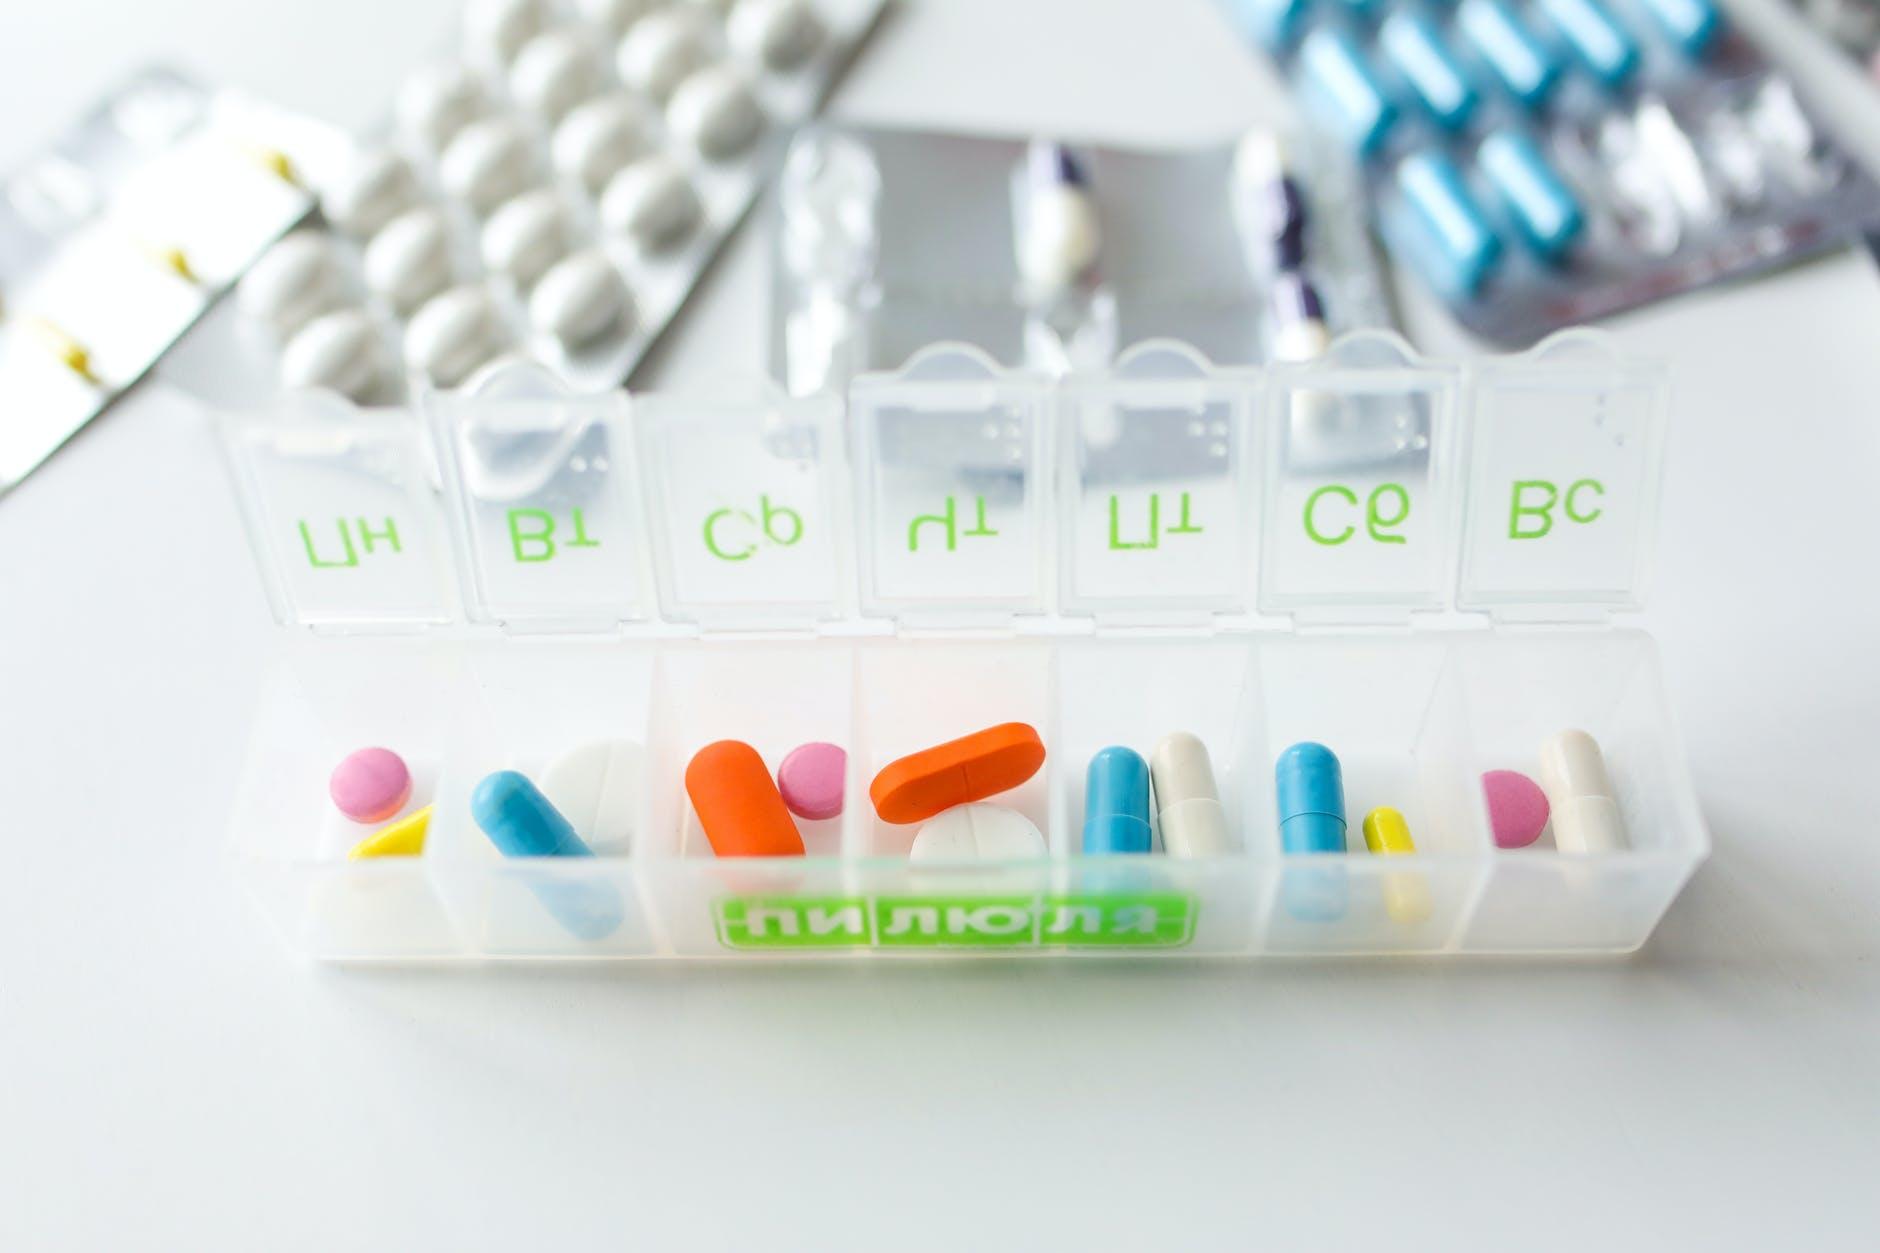 Necessary To Read The Medicine Label